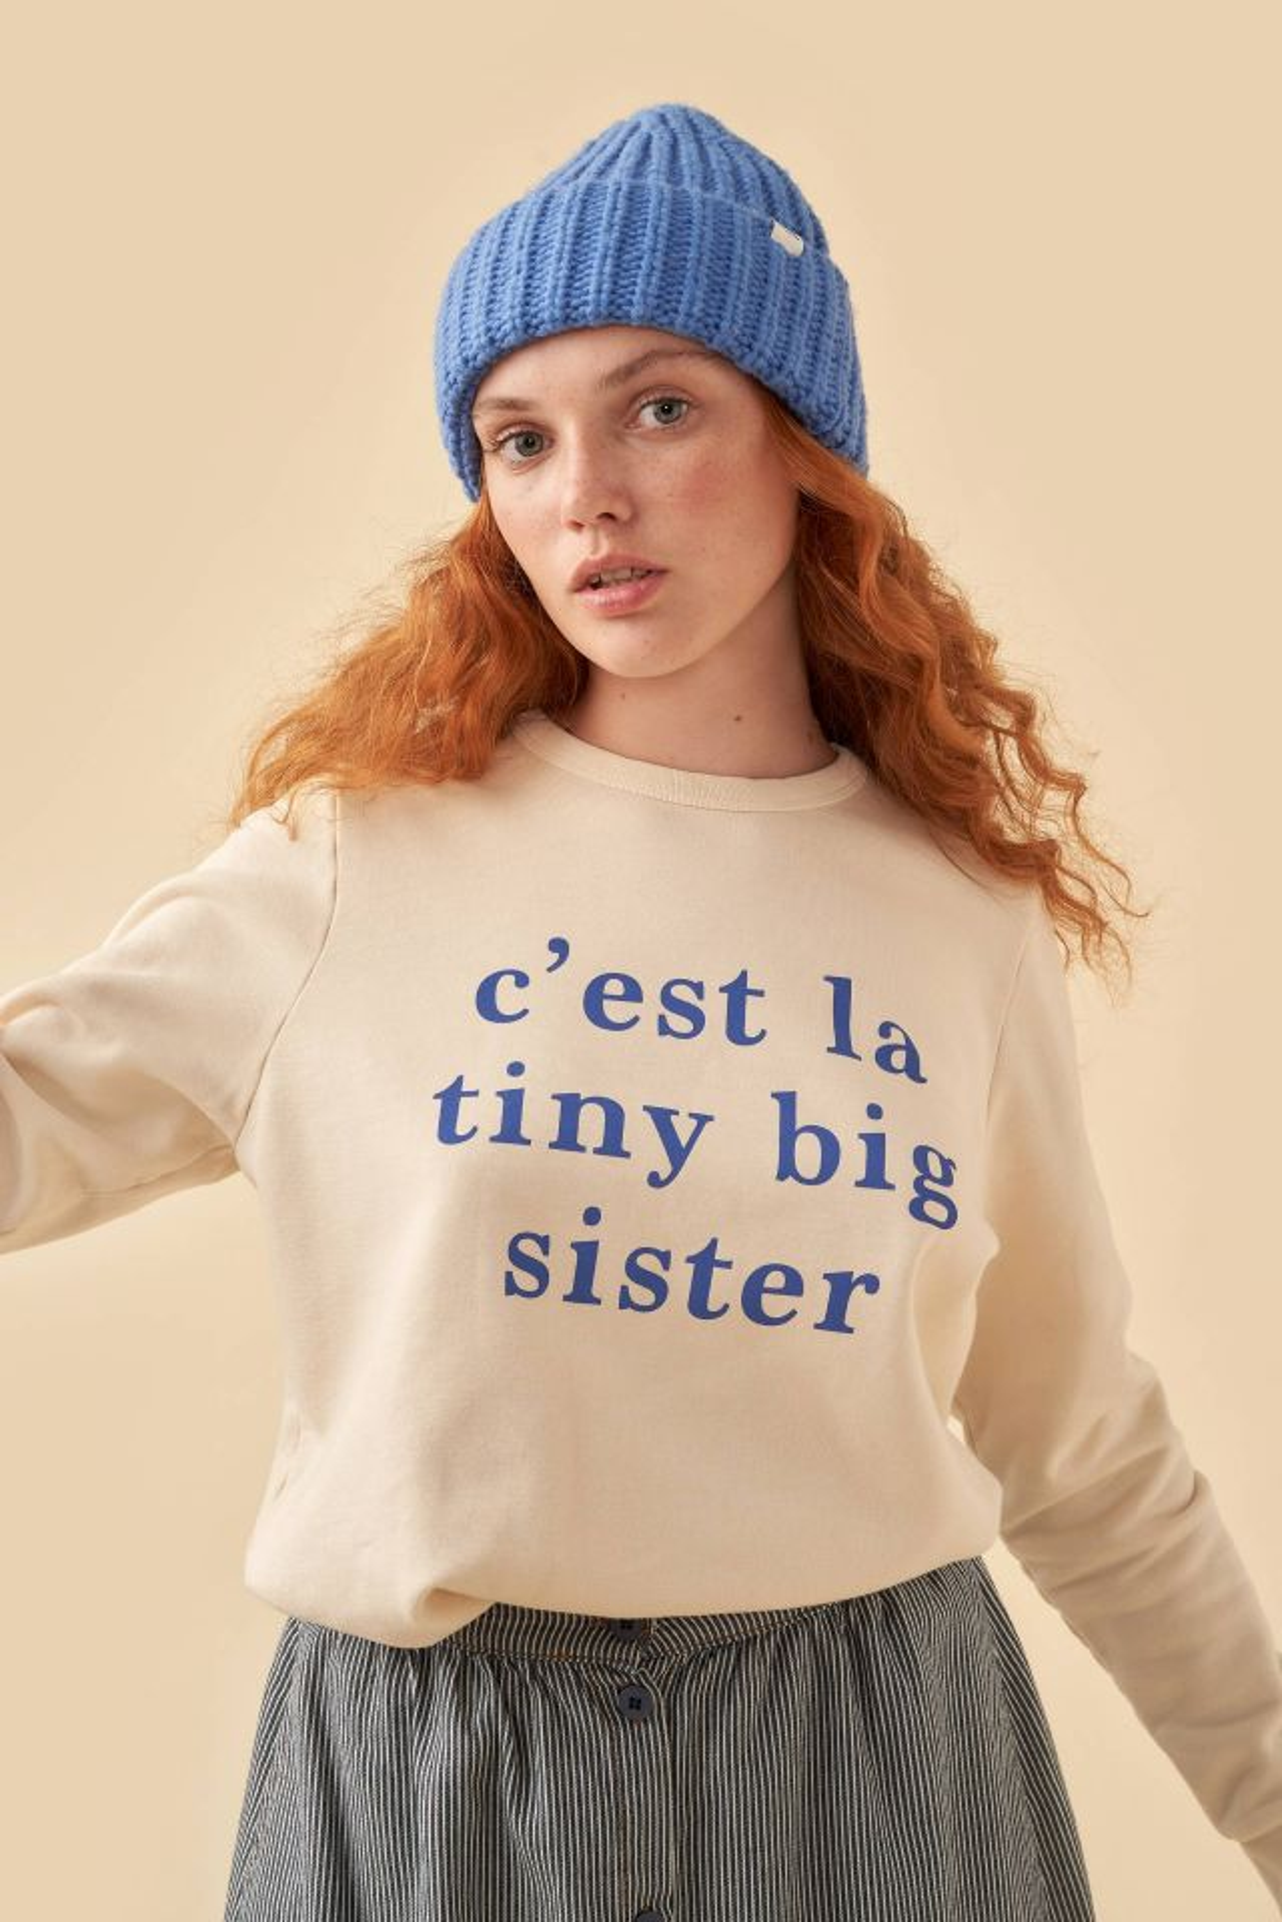 WOMAN C'EST LA TINY BIG SISTER SWEATSHIRT